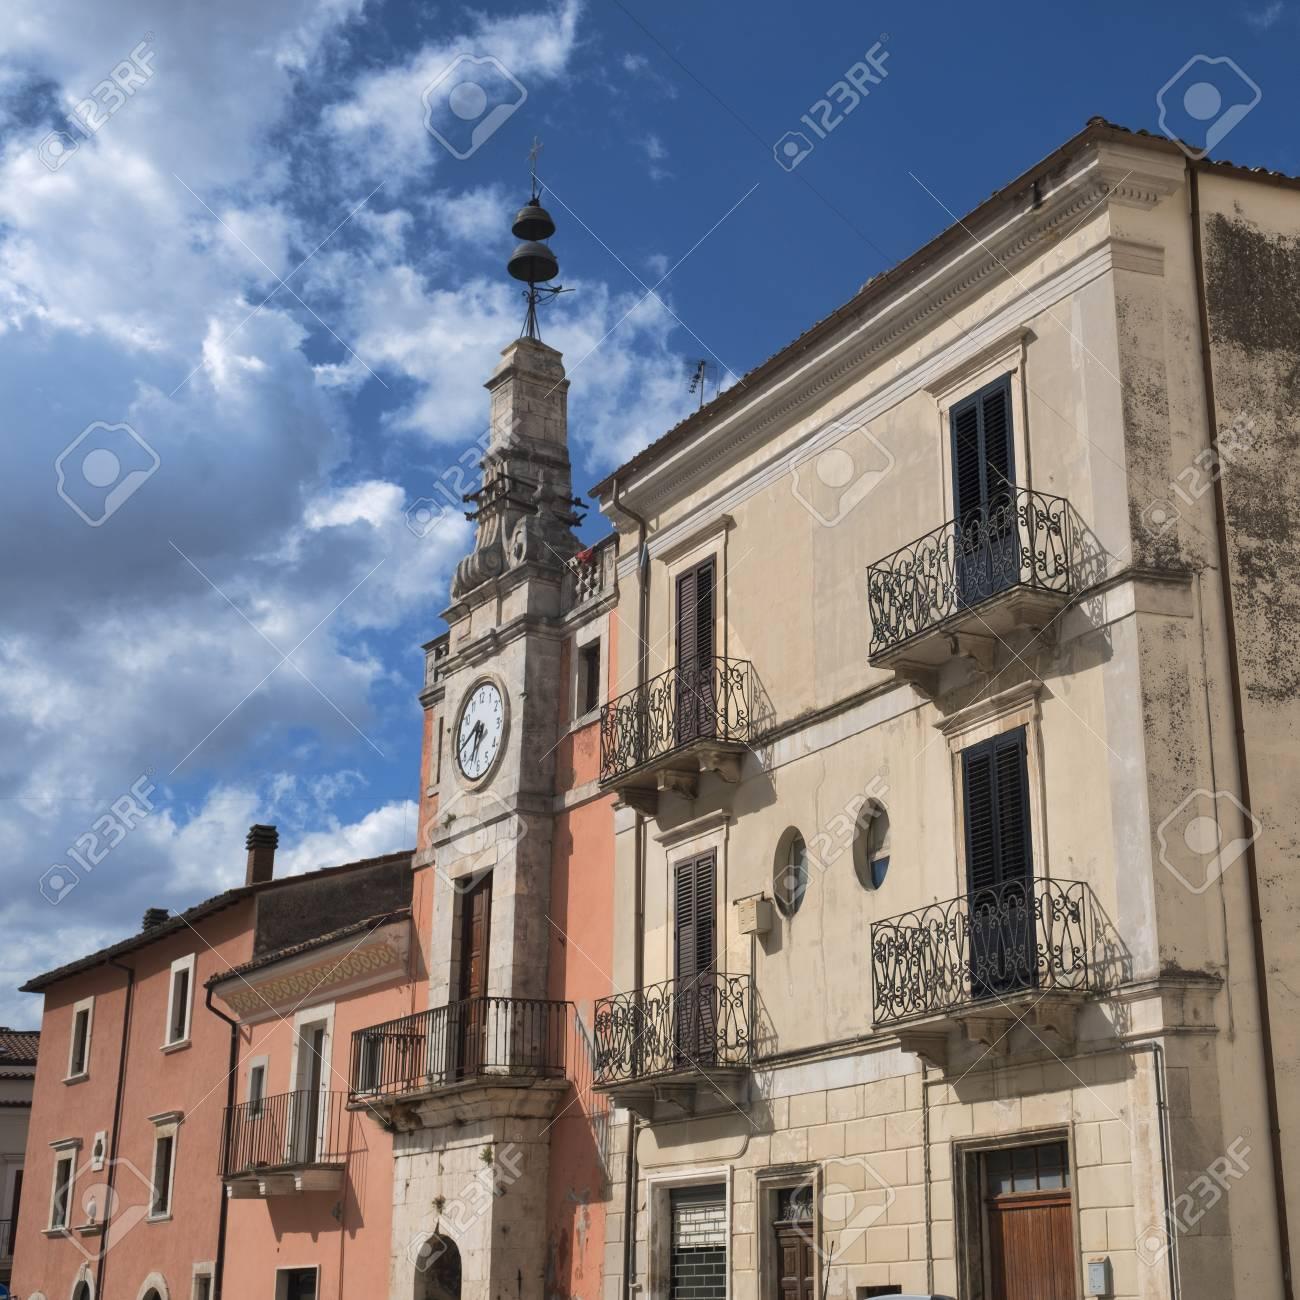 Acheter Une Maison En Italie Abruzzes popoli (l'aquila, abruzzes, italie): bâtiments historiques de la piazza  della liberta, la place principale de la ville